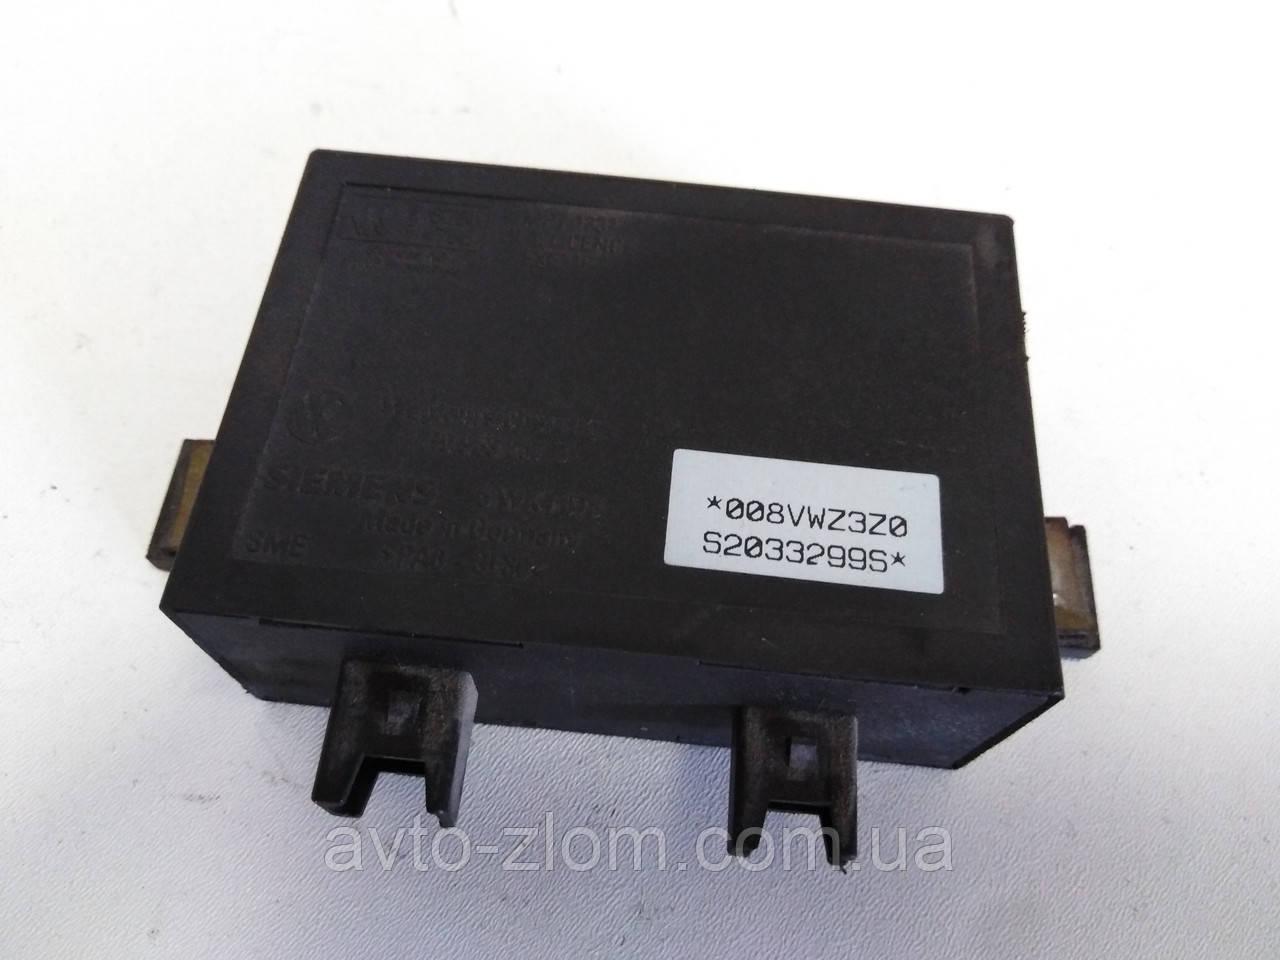 Блок иммобилайзера Volkswagen Golf 3, Vento. 1H0953257B.